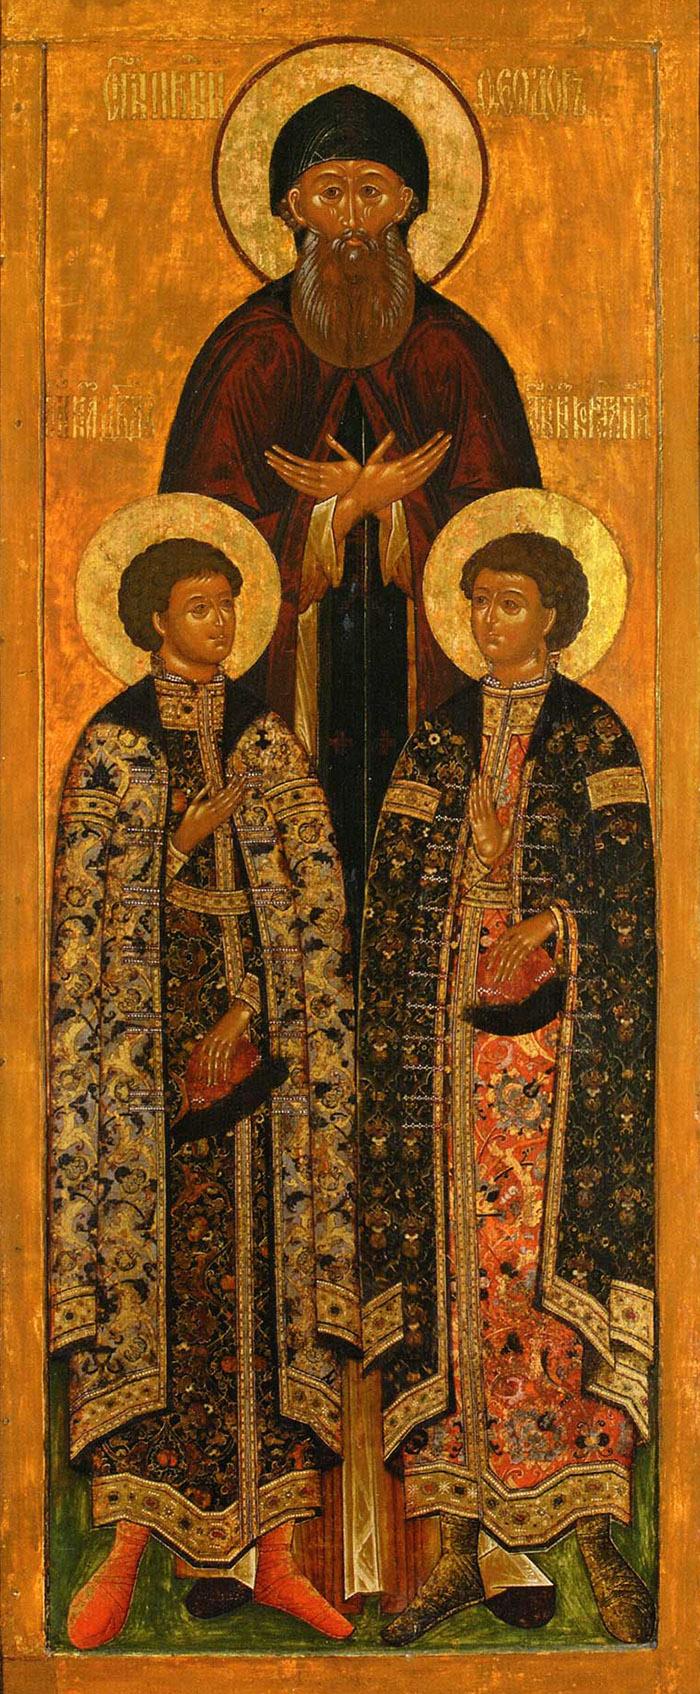 Молитвы святому благоверному князю Феодору и чадам его Давиду и Константину Ярославским